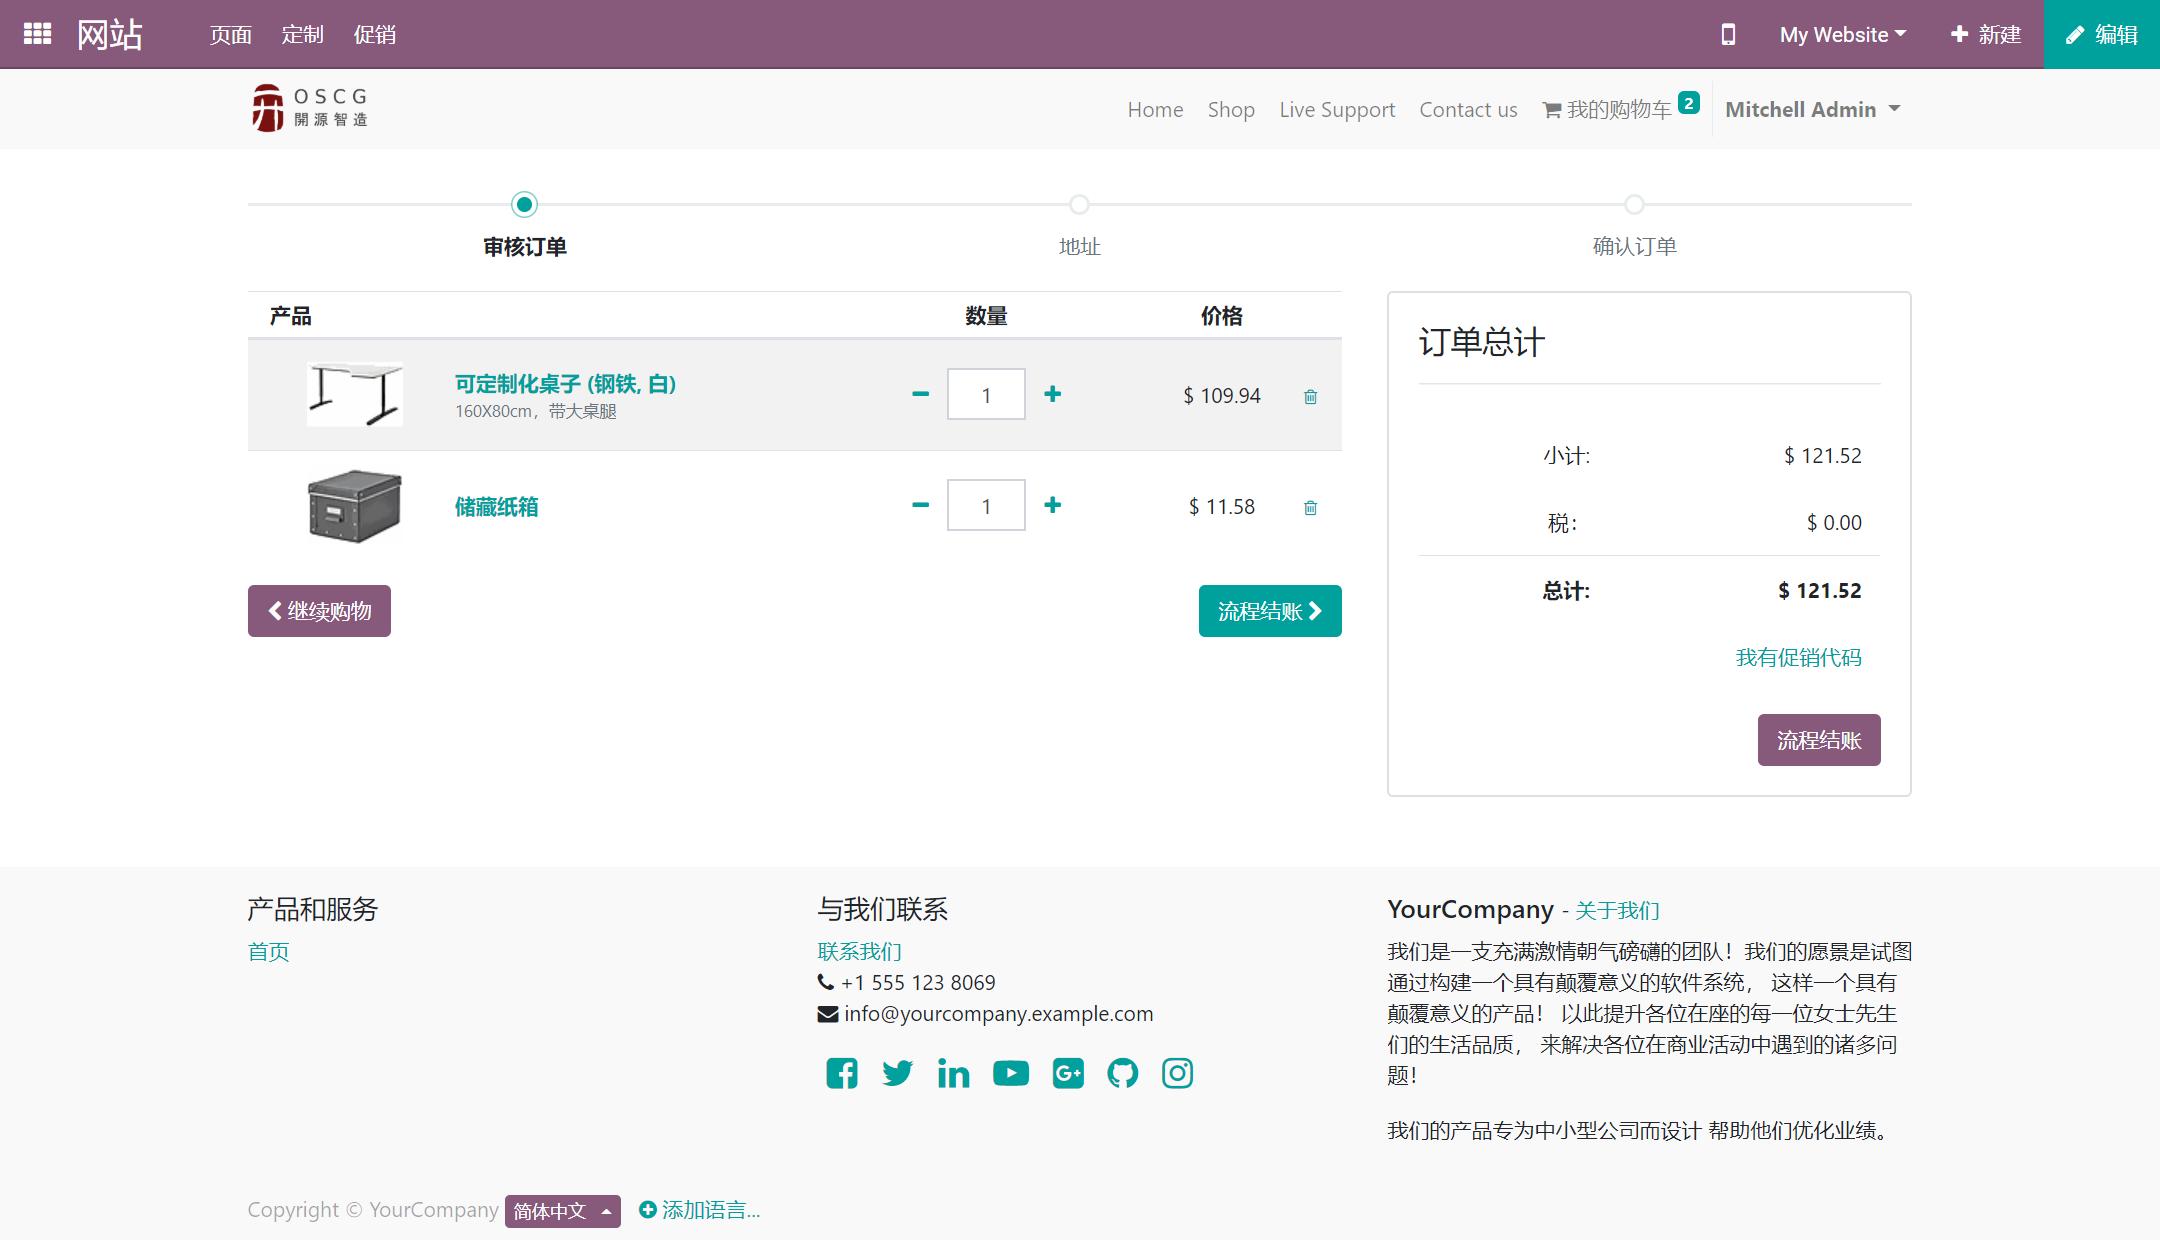 Odoo免费开源ERP实现经销商微信移动端订货及客服业务场景需求